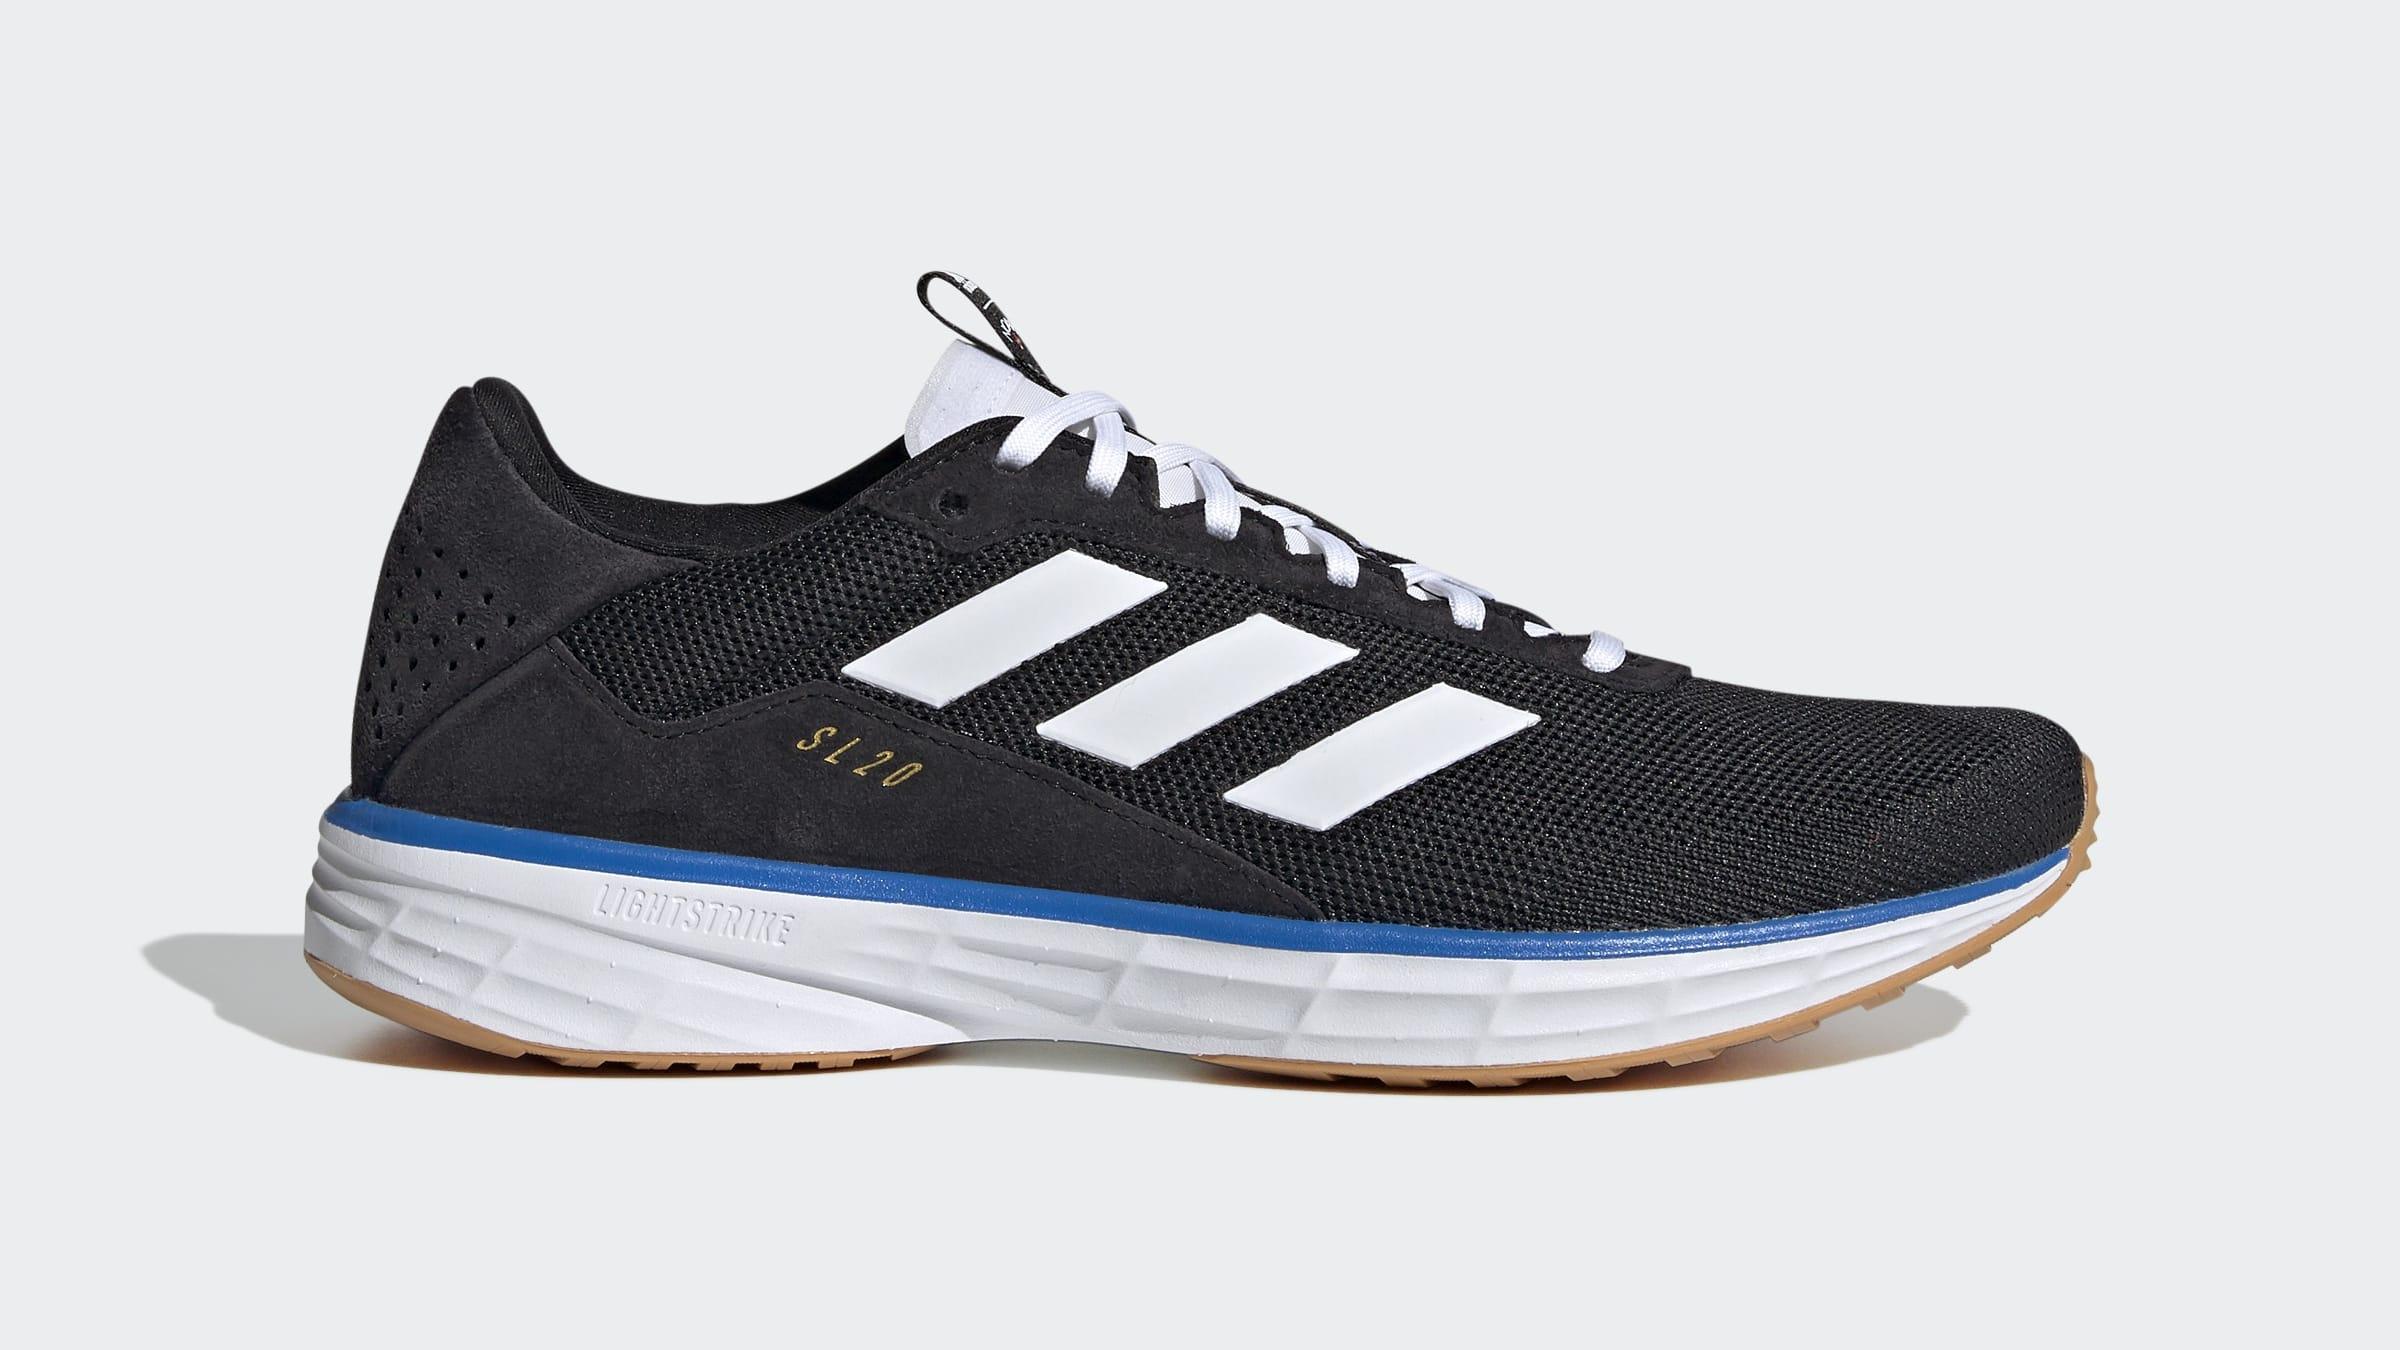 Noah x Adidas SL 20 Lateral